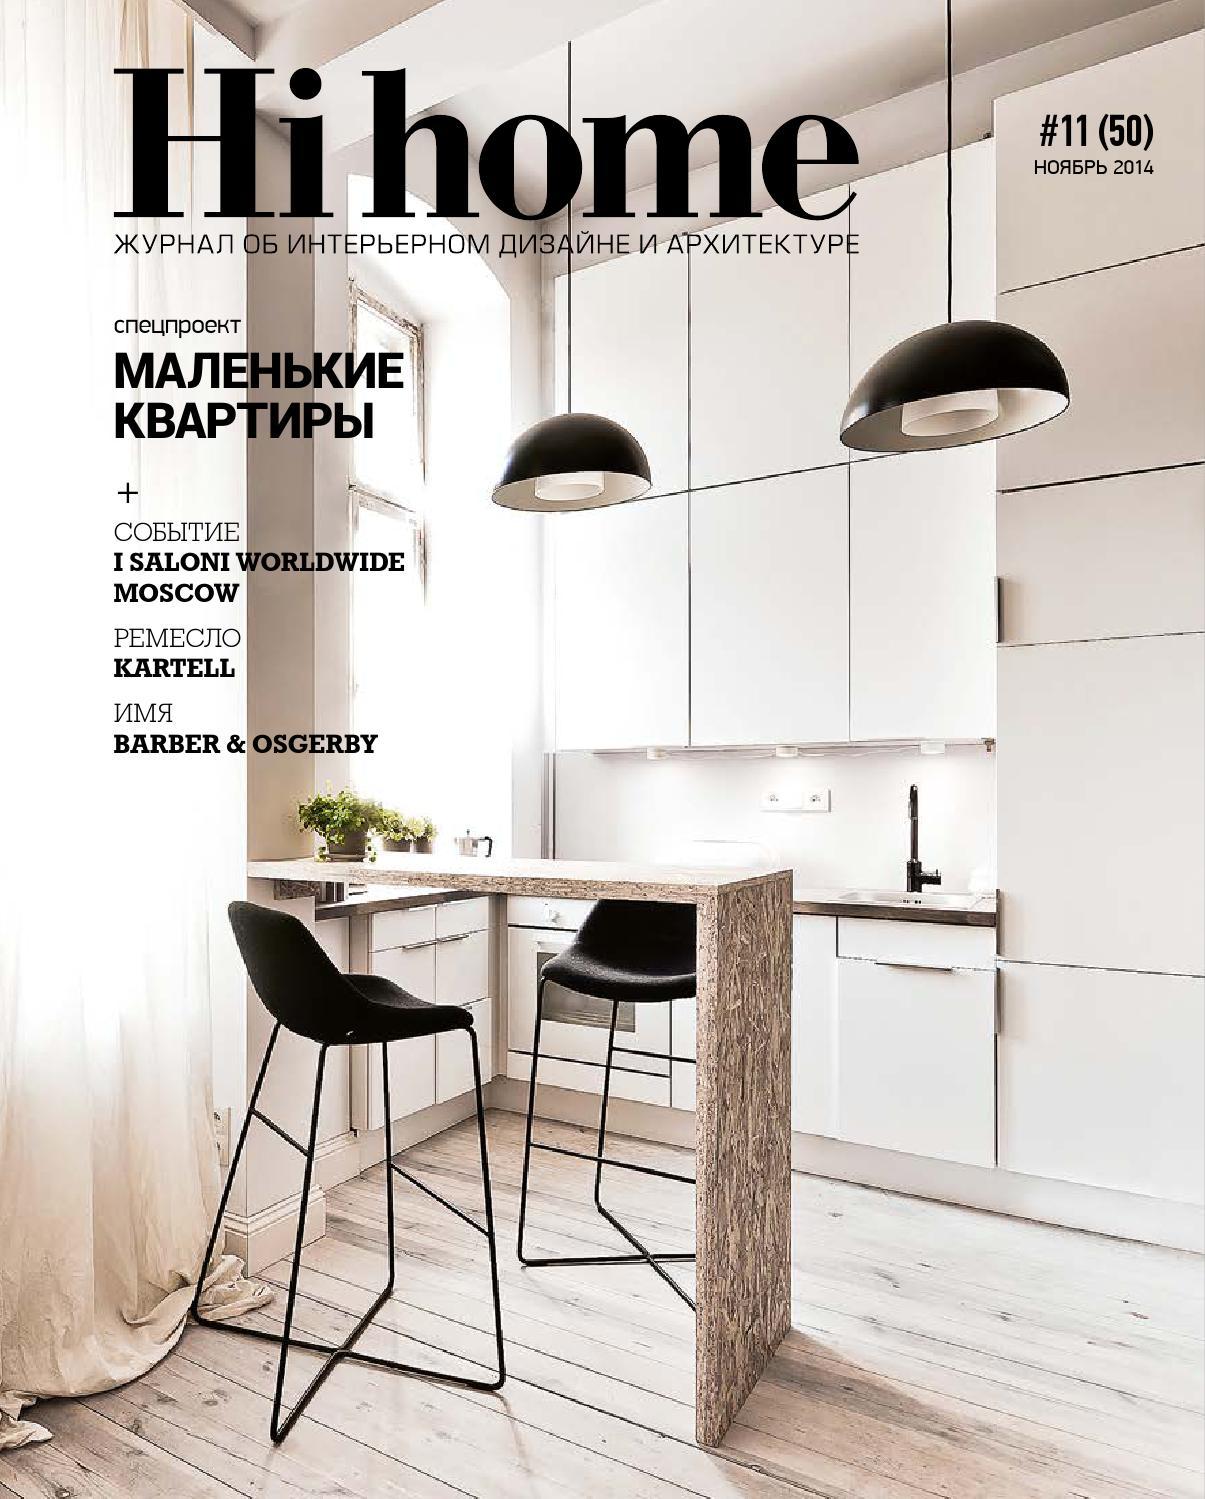 Hh 50 november 2014 by Hi home magazine - issuu